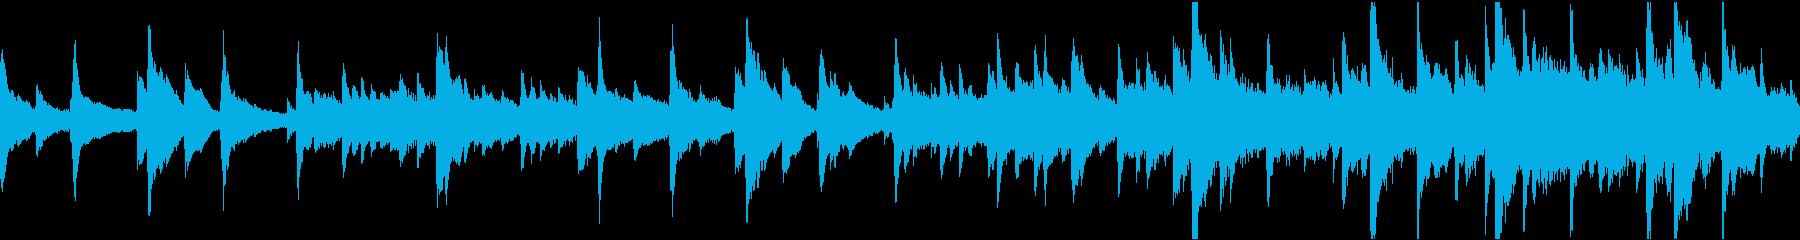 悲しいノスタルジックなソロピアノの再生済みの波形